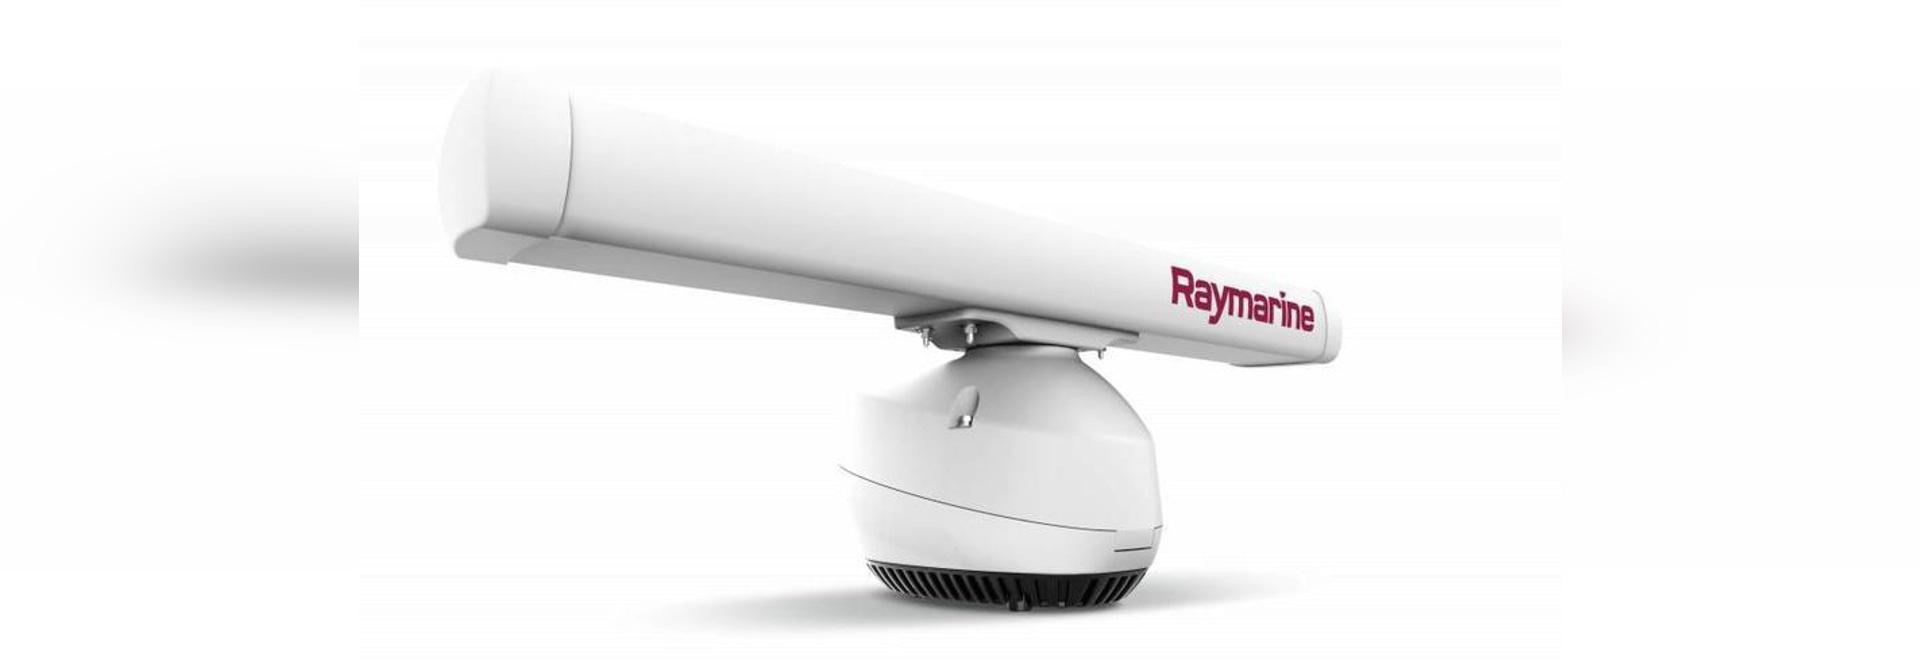 Raymarine Magnum Open-Array Radar